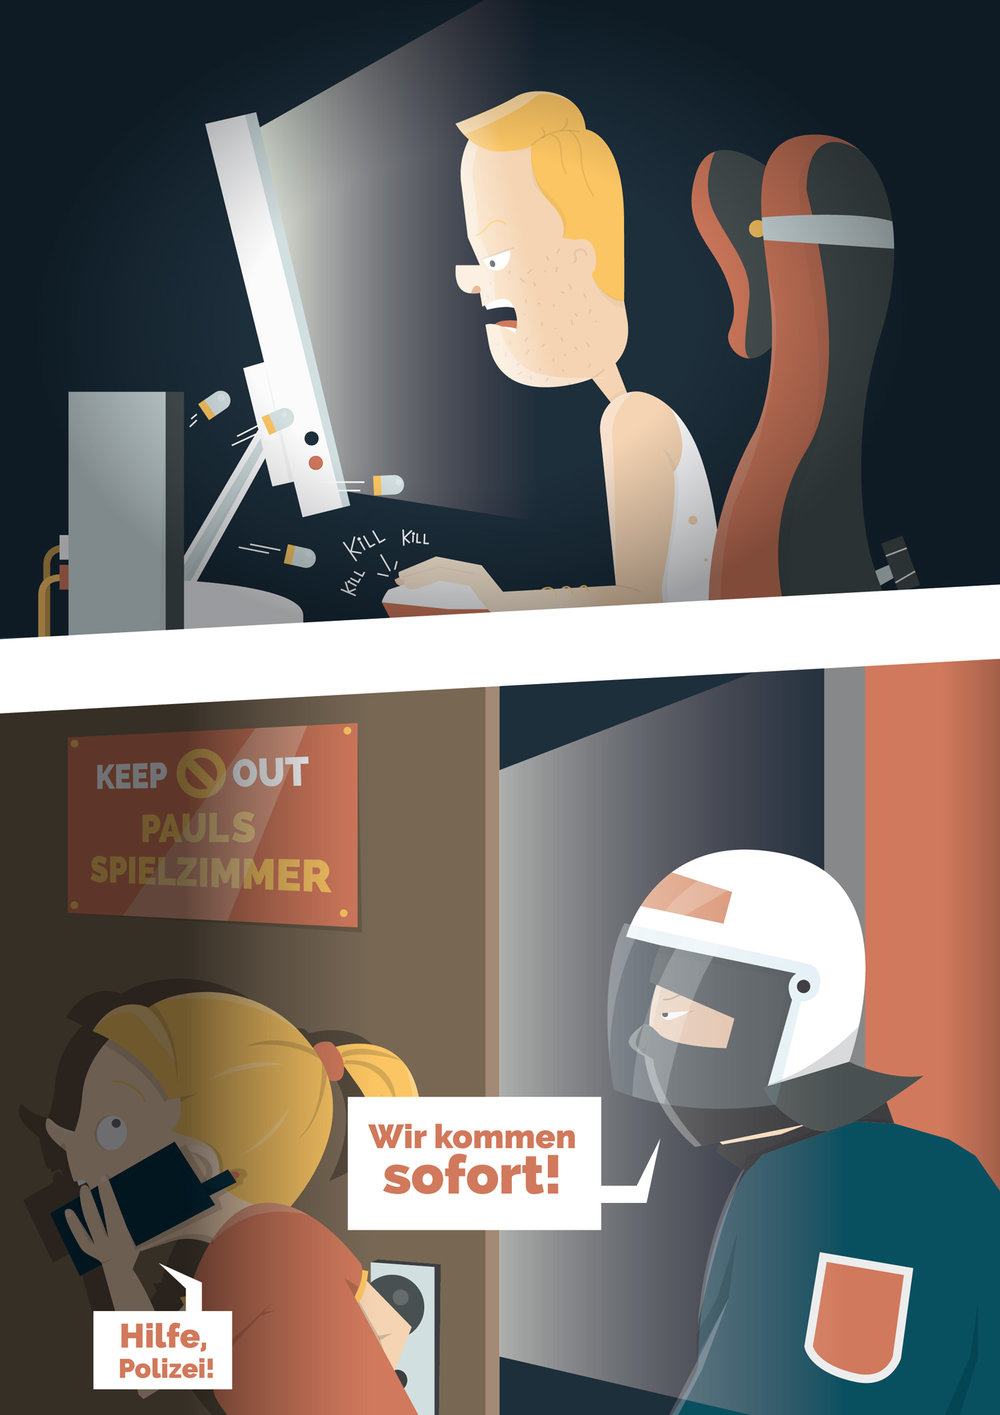 Sachbuch Illustration Killerspiele und Polizei - Elisabeth Deim